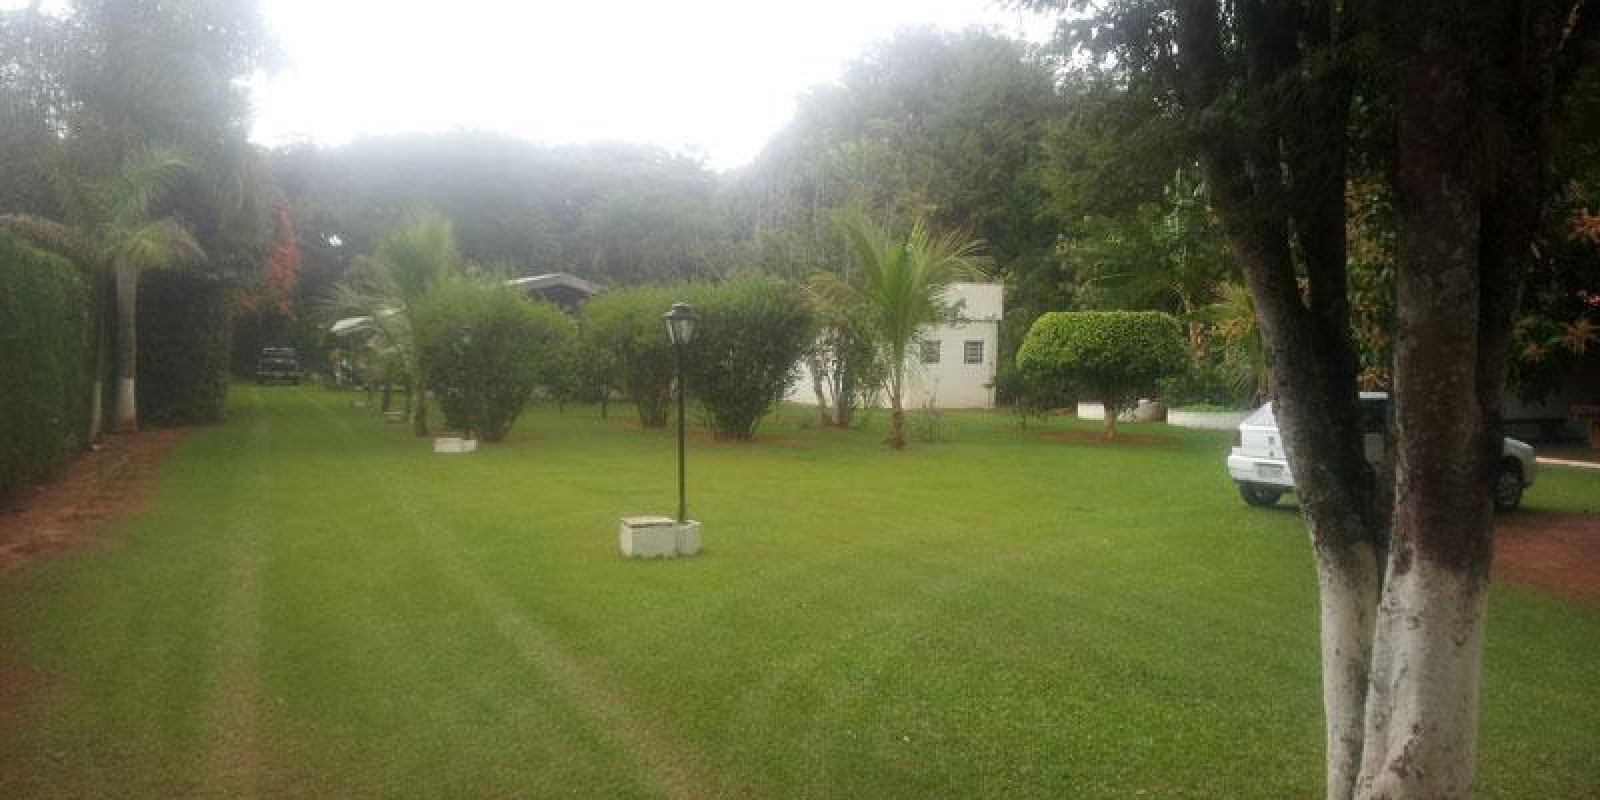 Casa na Represa Costa Azul em Avaré SP - Foto 3 de 20